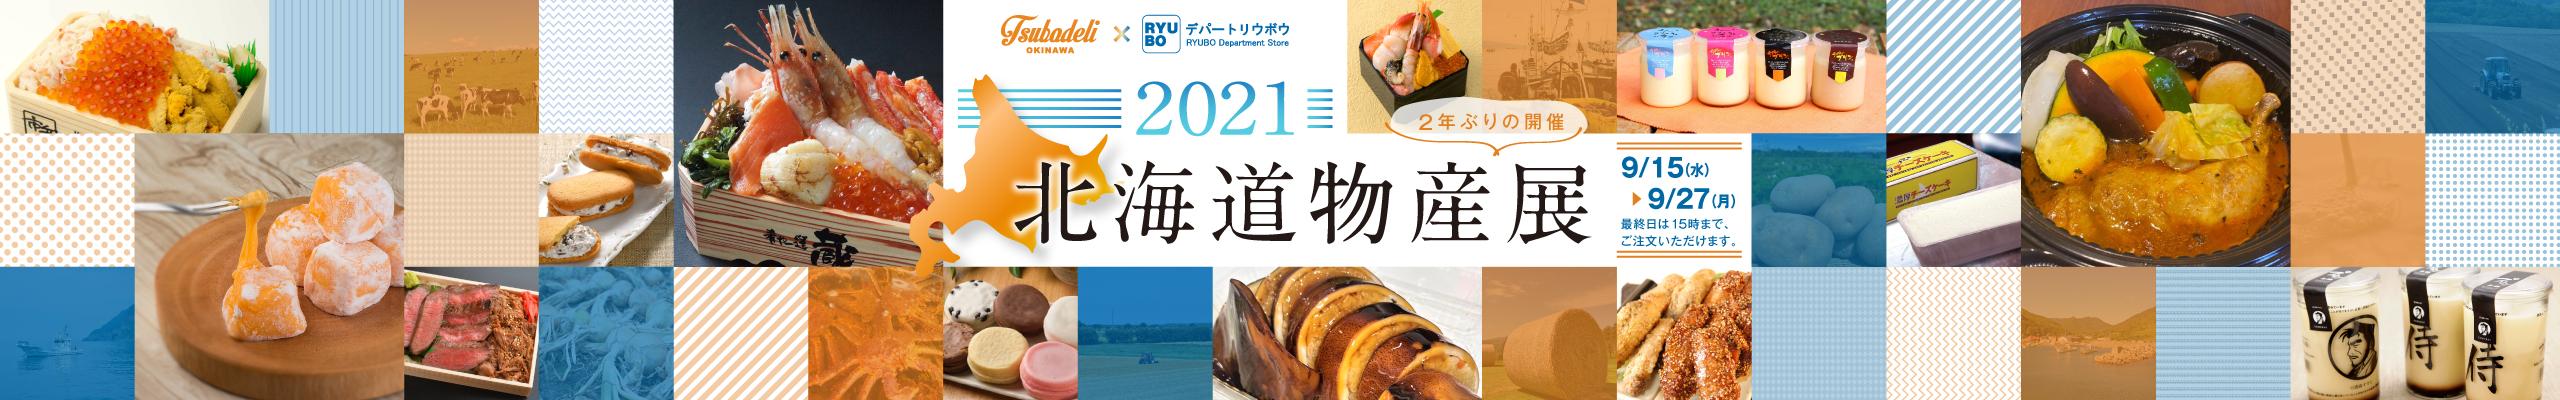 【期間限定】北海道物産展